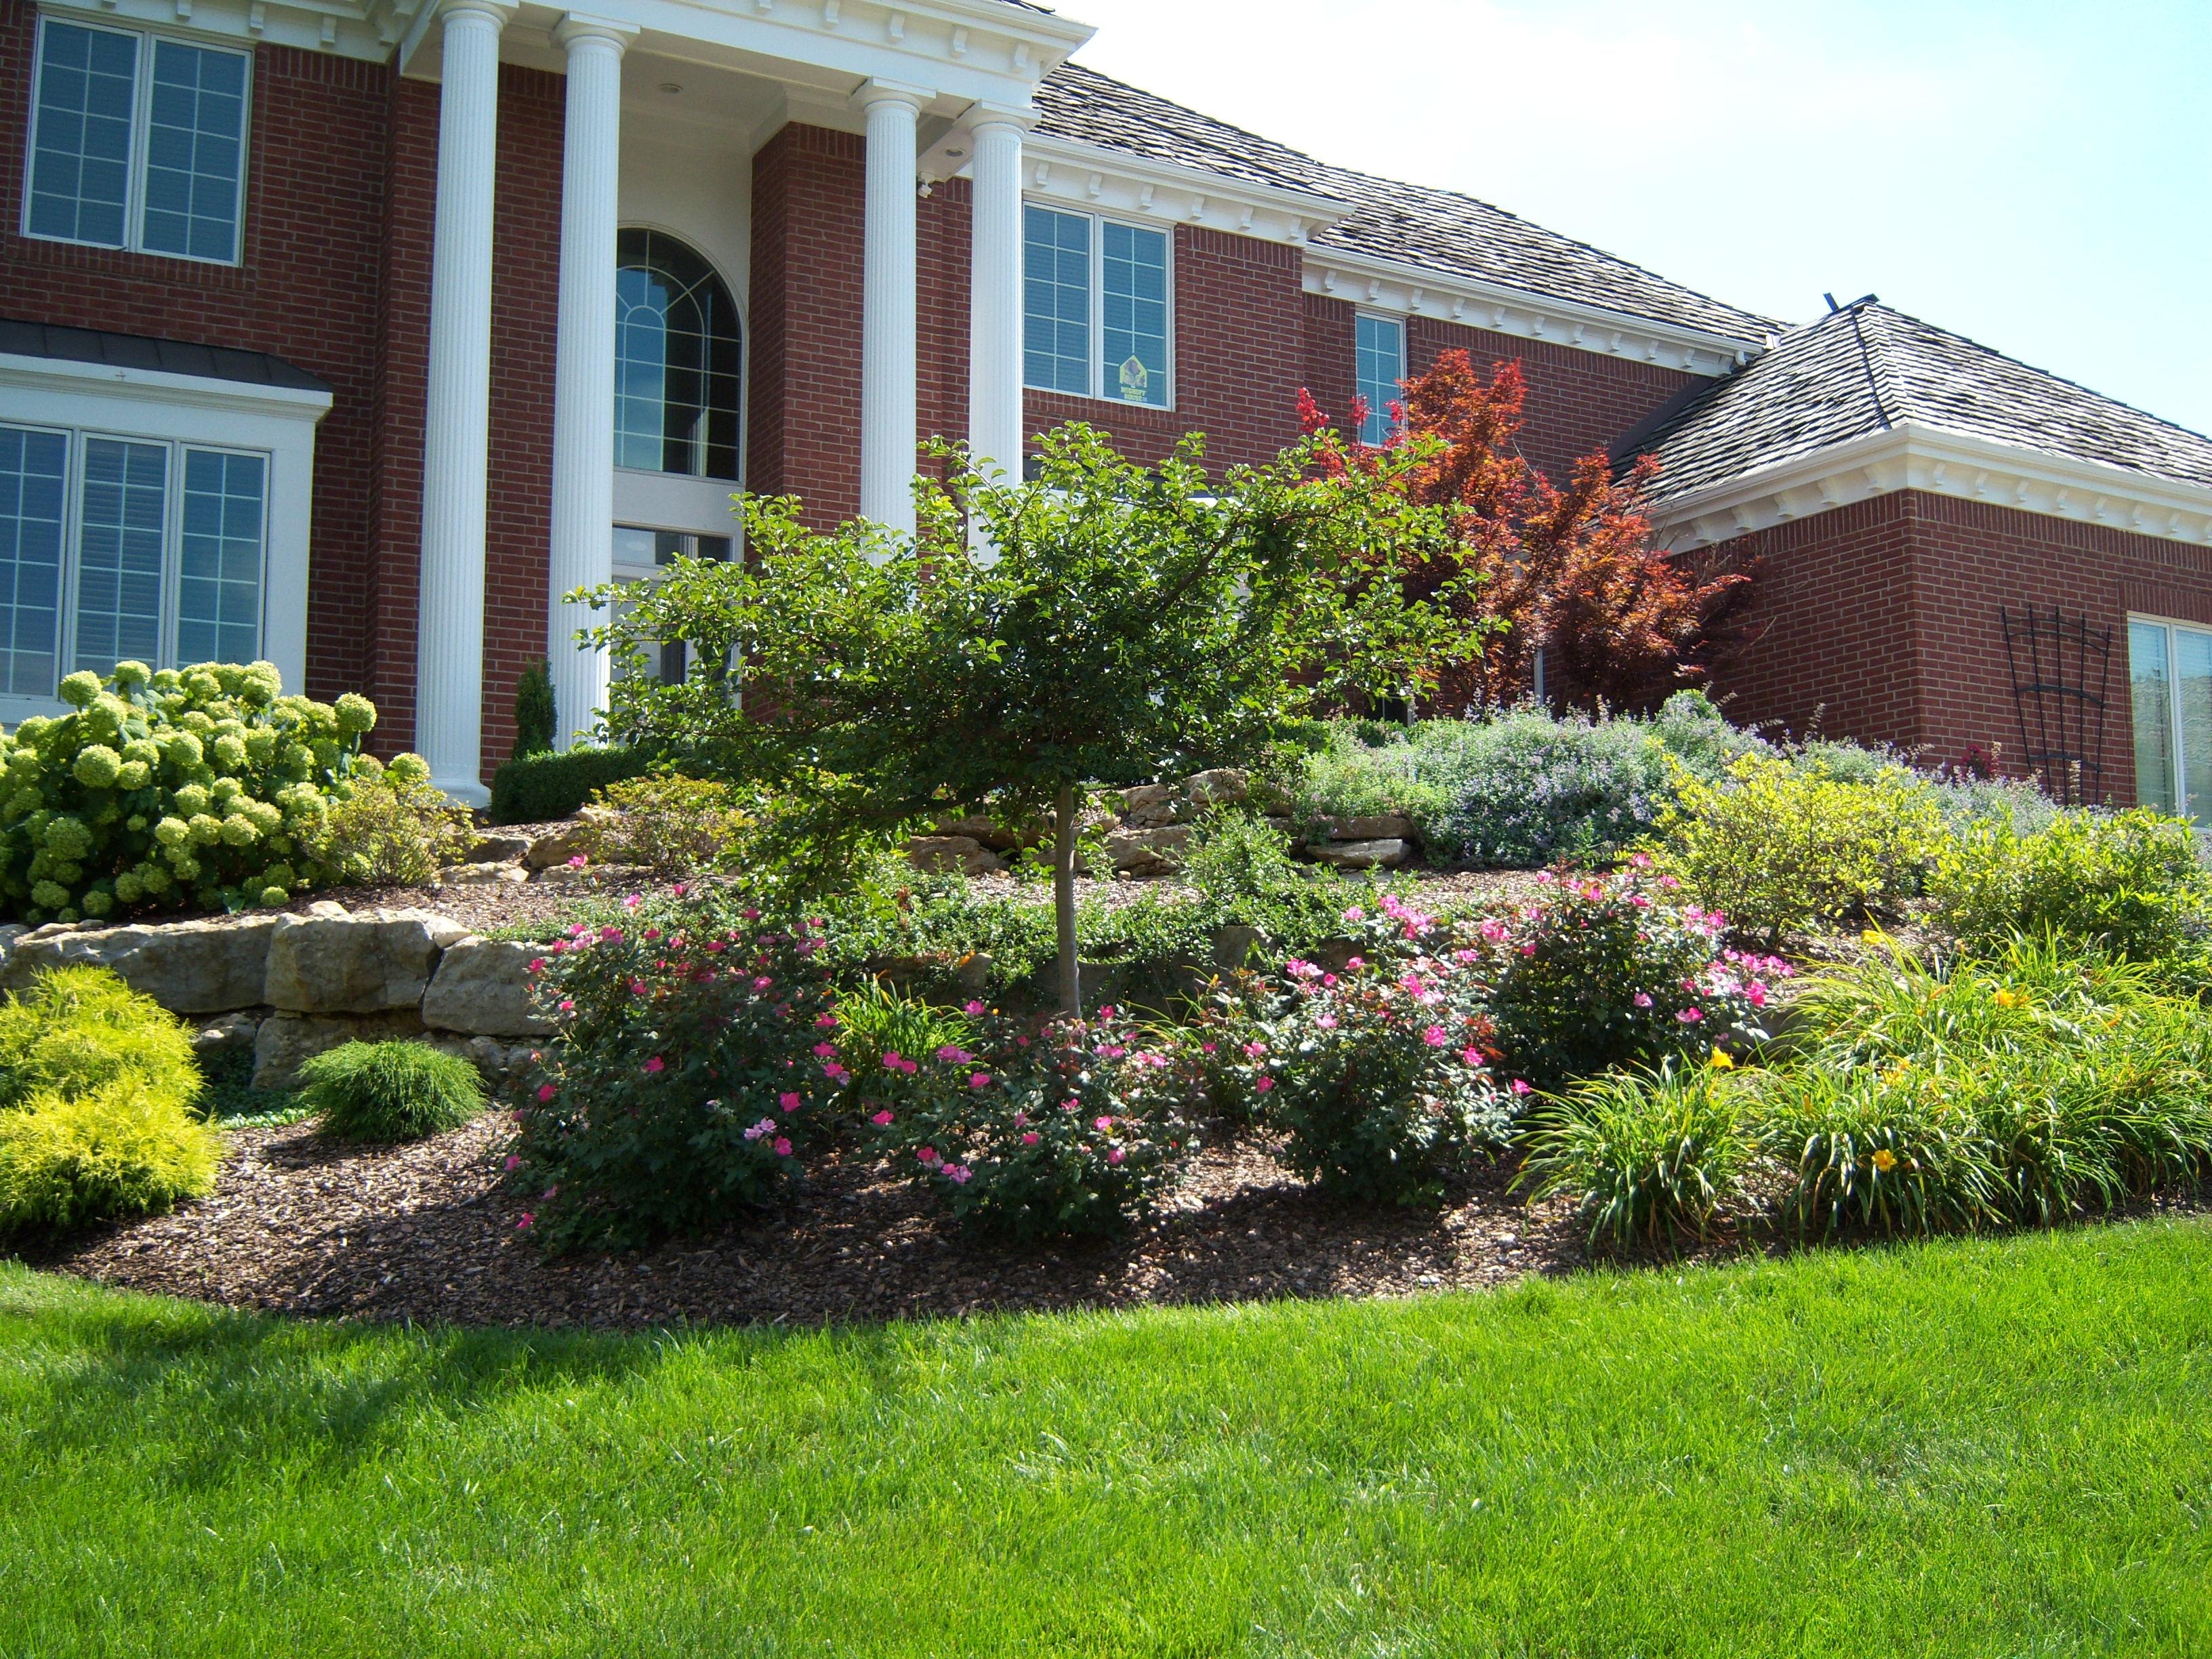 Landscaping Overland Park Ks : Greenleaf garden services in overland park ks